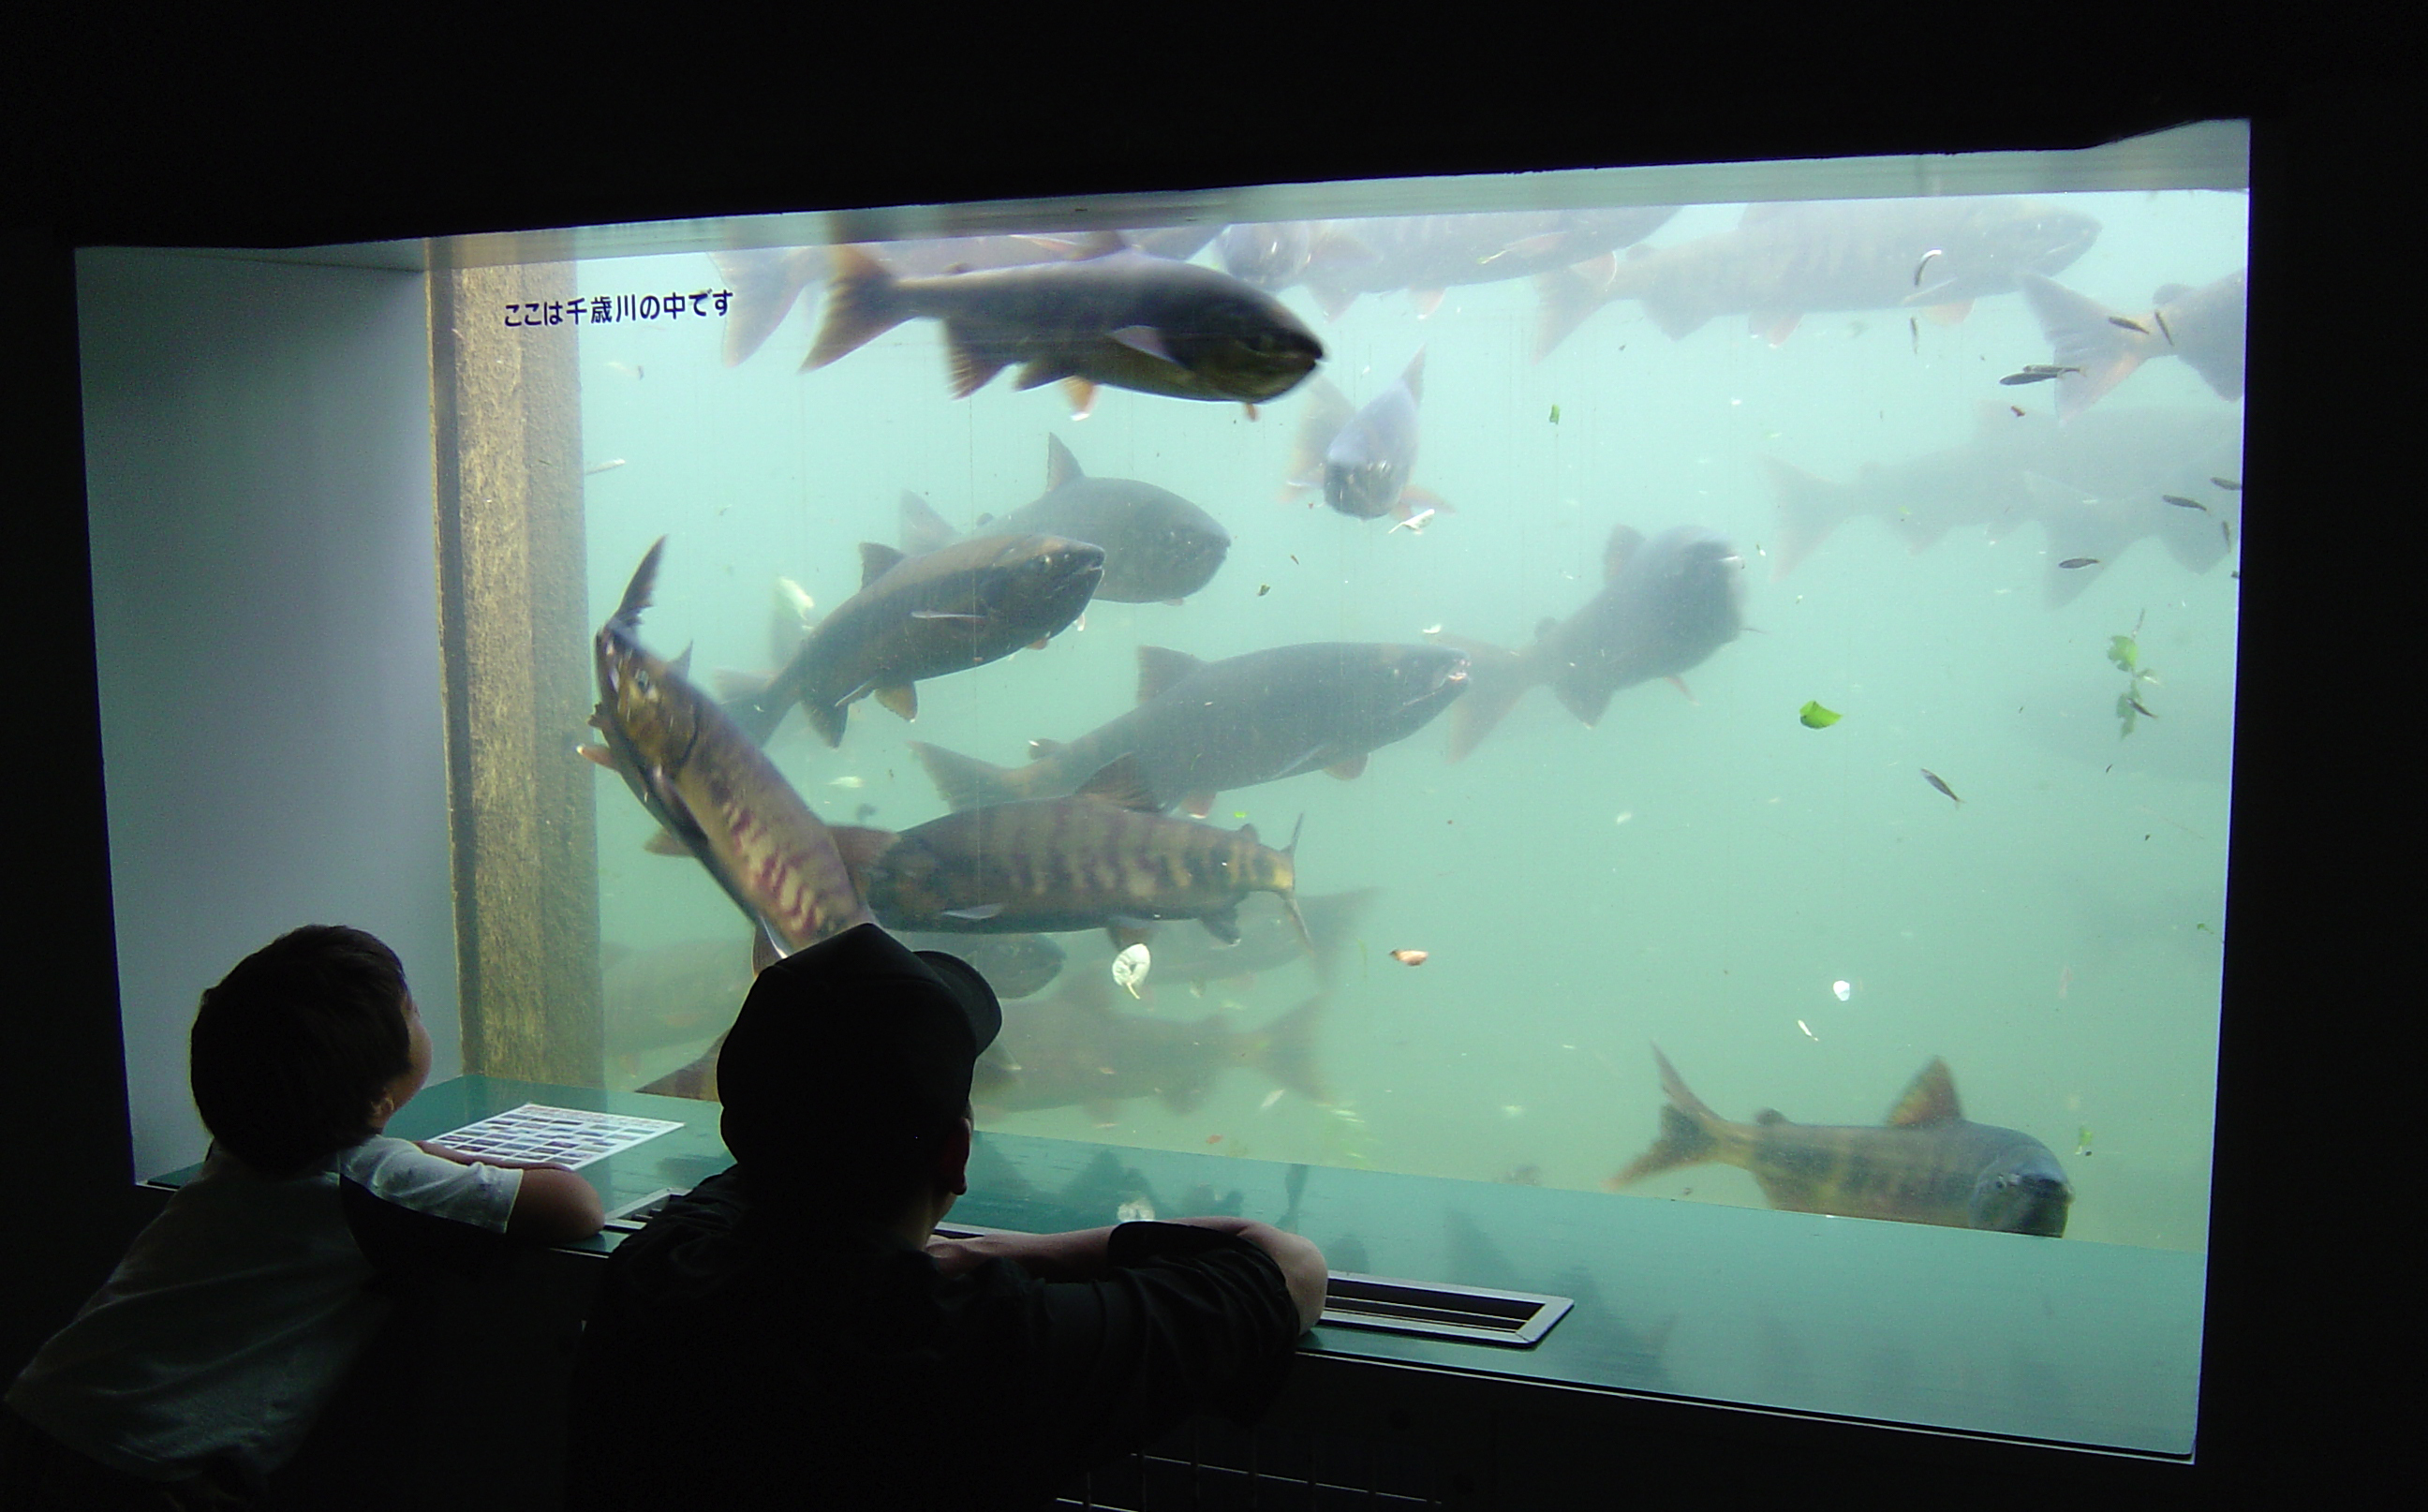 縦1m×横2mの窓から千歳川の中が観察できる